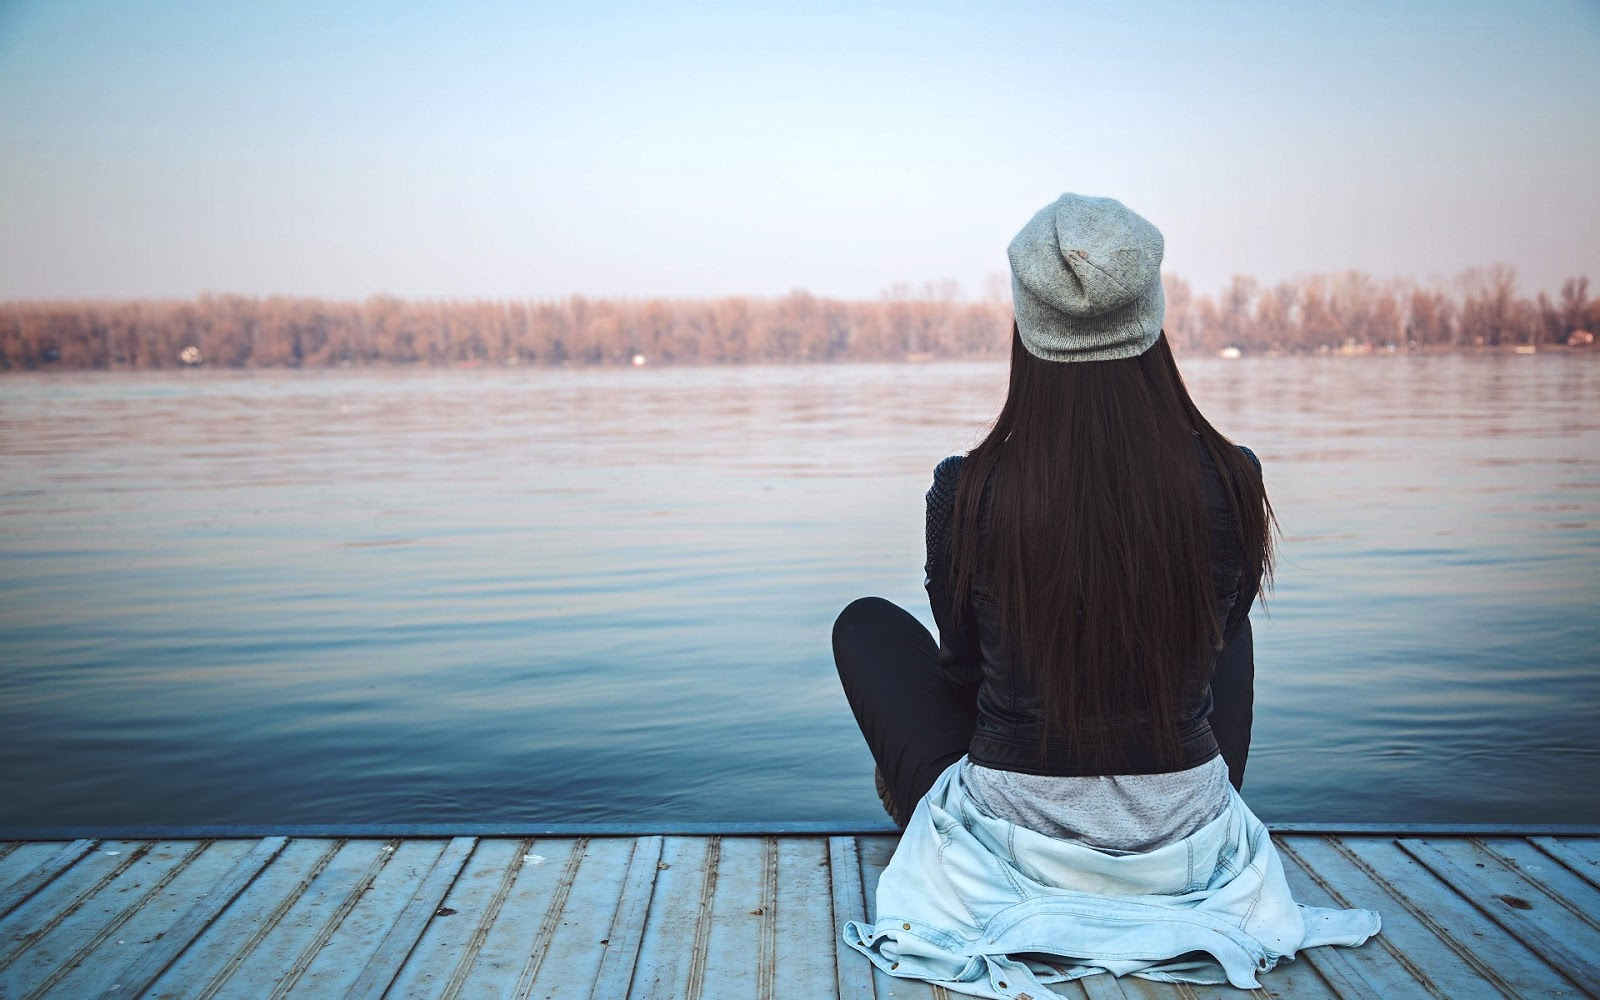 5 Hal Yang Bisa Membuat Kamu Terlihat Istimewa di Mata Orang Lain, Sangat Simpel dan Sederhana 5